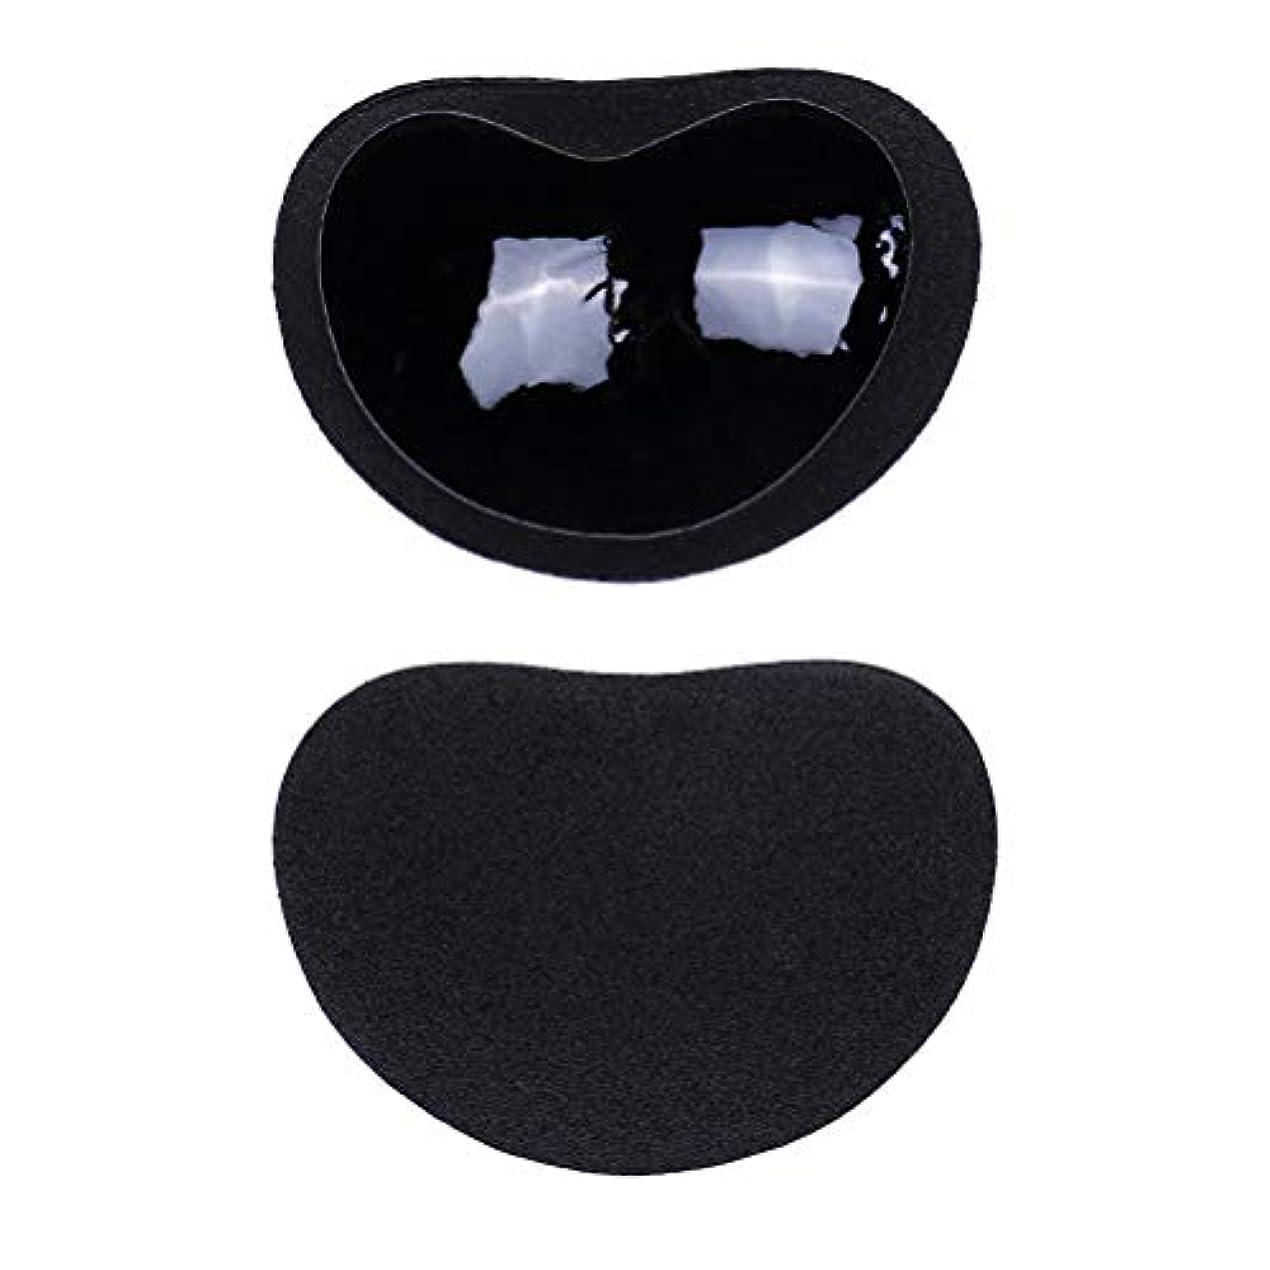 素朴な置き場ケントHealifty ニップルカバー1ペアストラップレス粘着性のある粘着性のあるブラのシリコーンのニップルは見えないブラニップルのコンシーラーのパティをカバーします(黒)